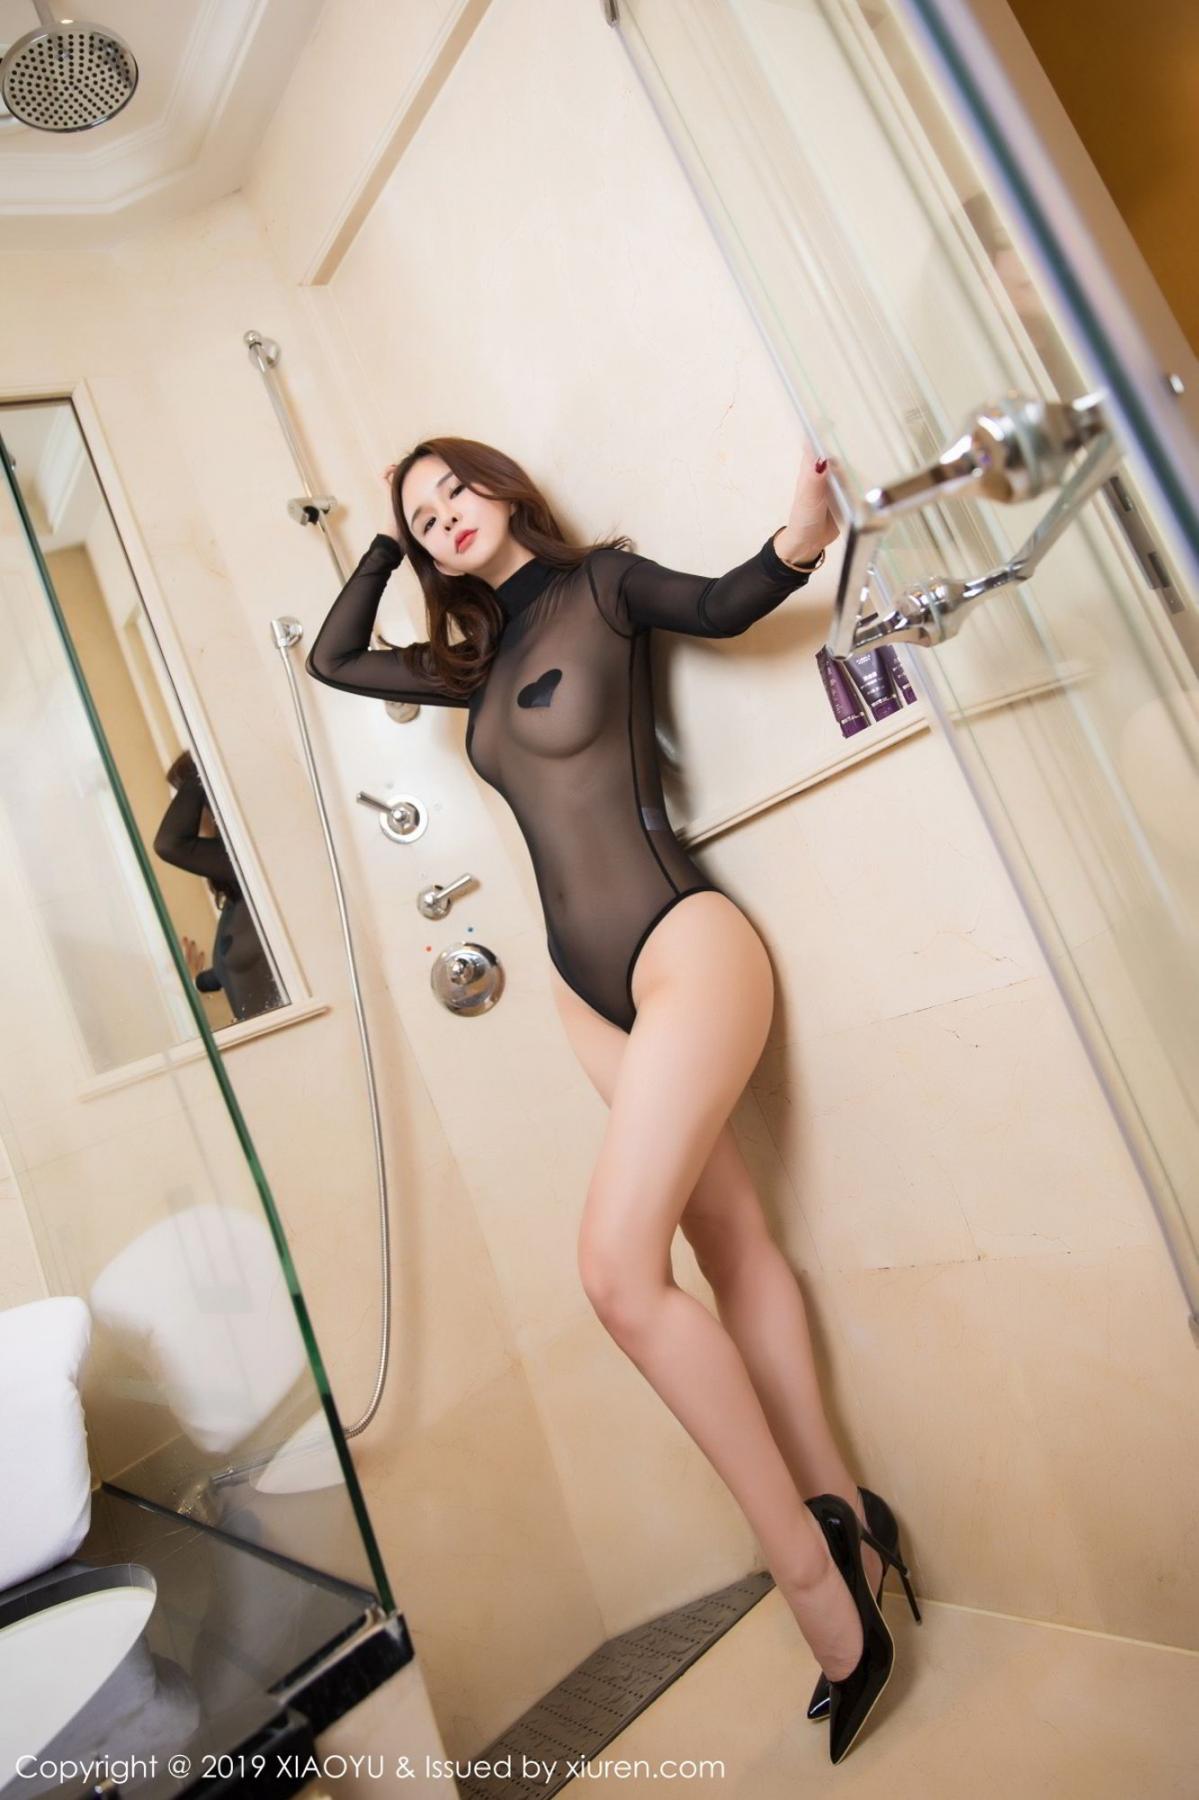 [XiaoYu] Vol.091 Chun Xiao Xi 10P, Bathroom, Chun Xiao Xi, Wet, XiaoYu